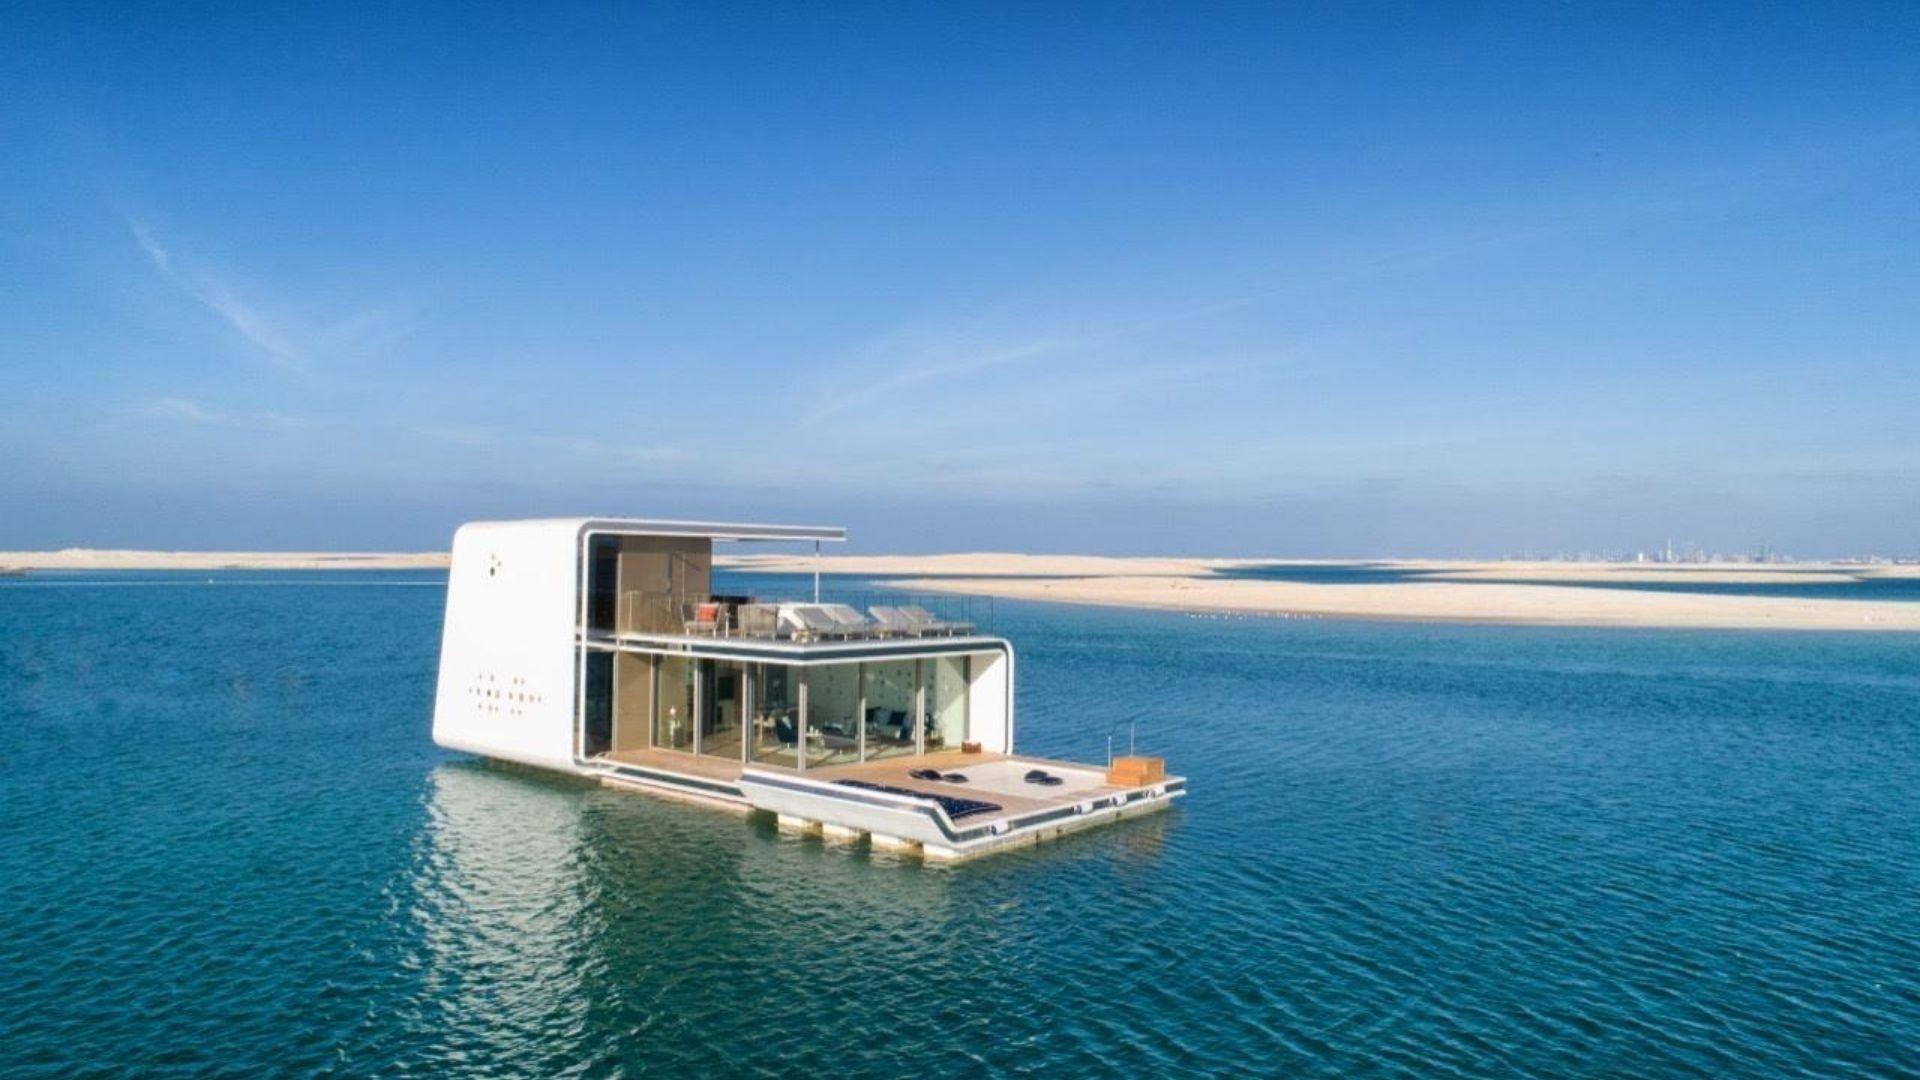 9 - Живите как члены королевской семьи в этих удивительных роскошных домах в Дубае